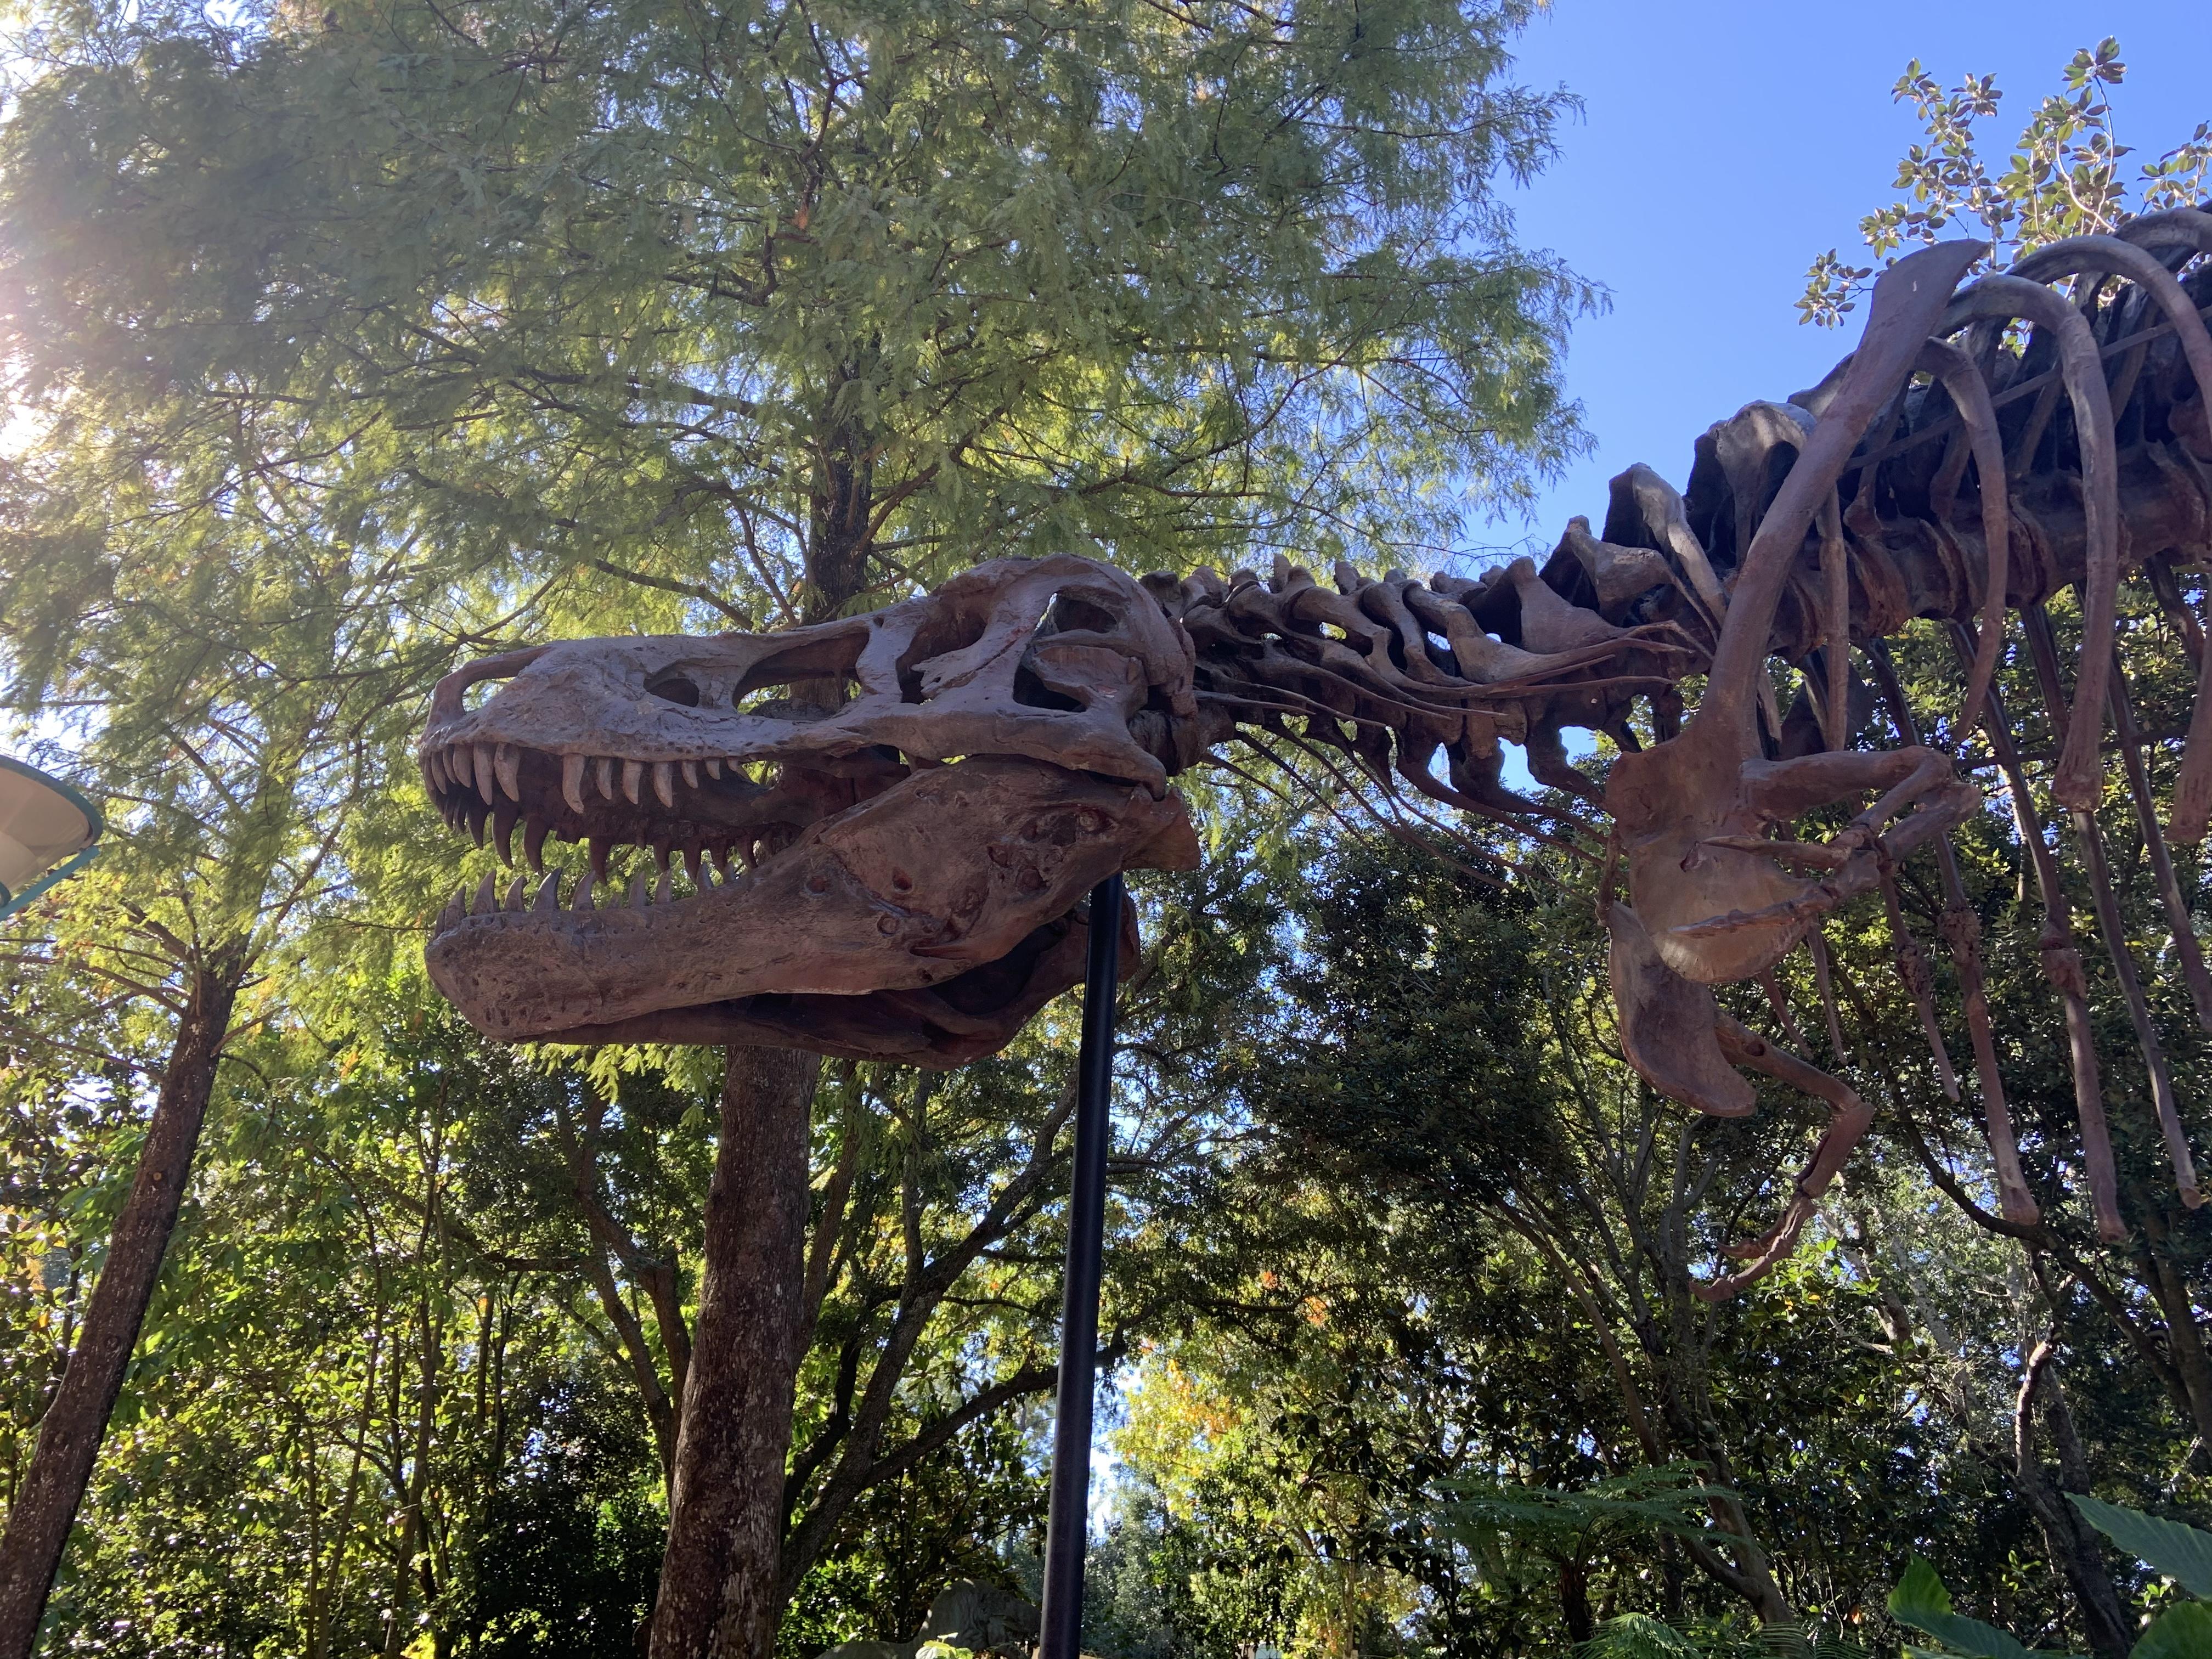 Dino in Dinoland 12/7/19